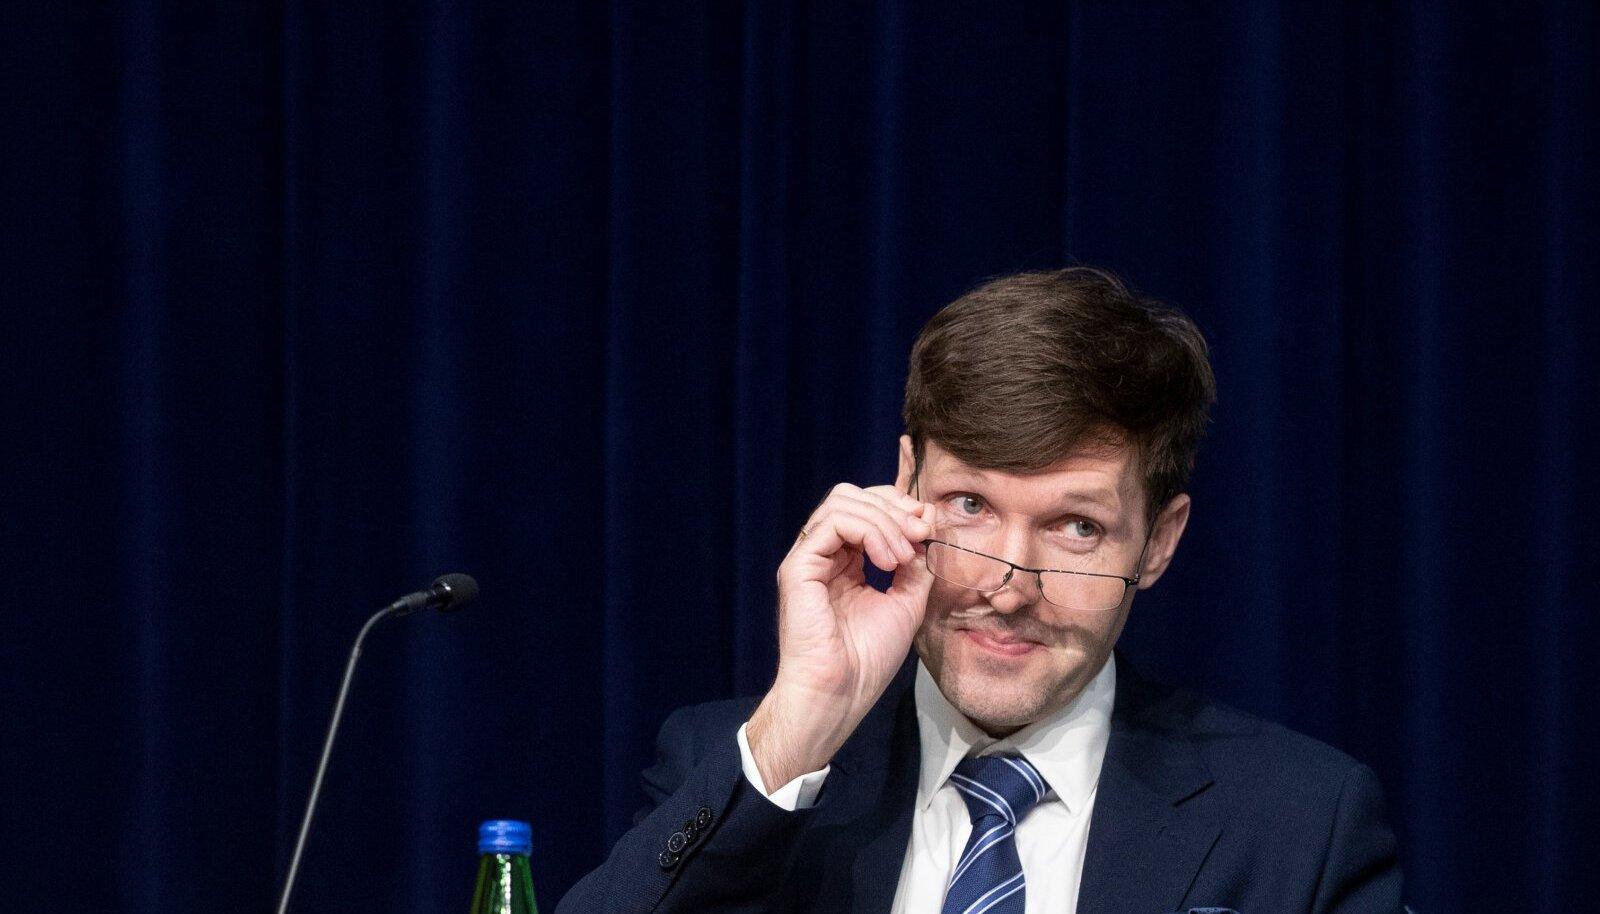 Martin Helmet eelistaks valitsuse eesotsas näha 13% valimisõiguslikke inimesi.